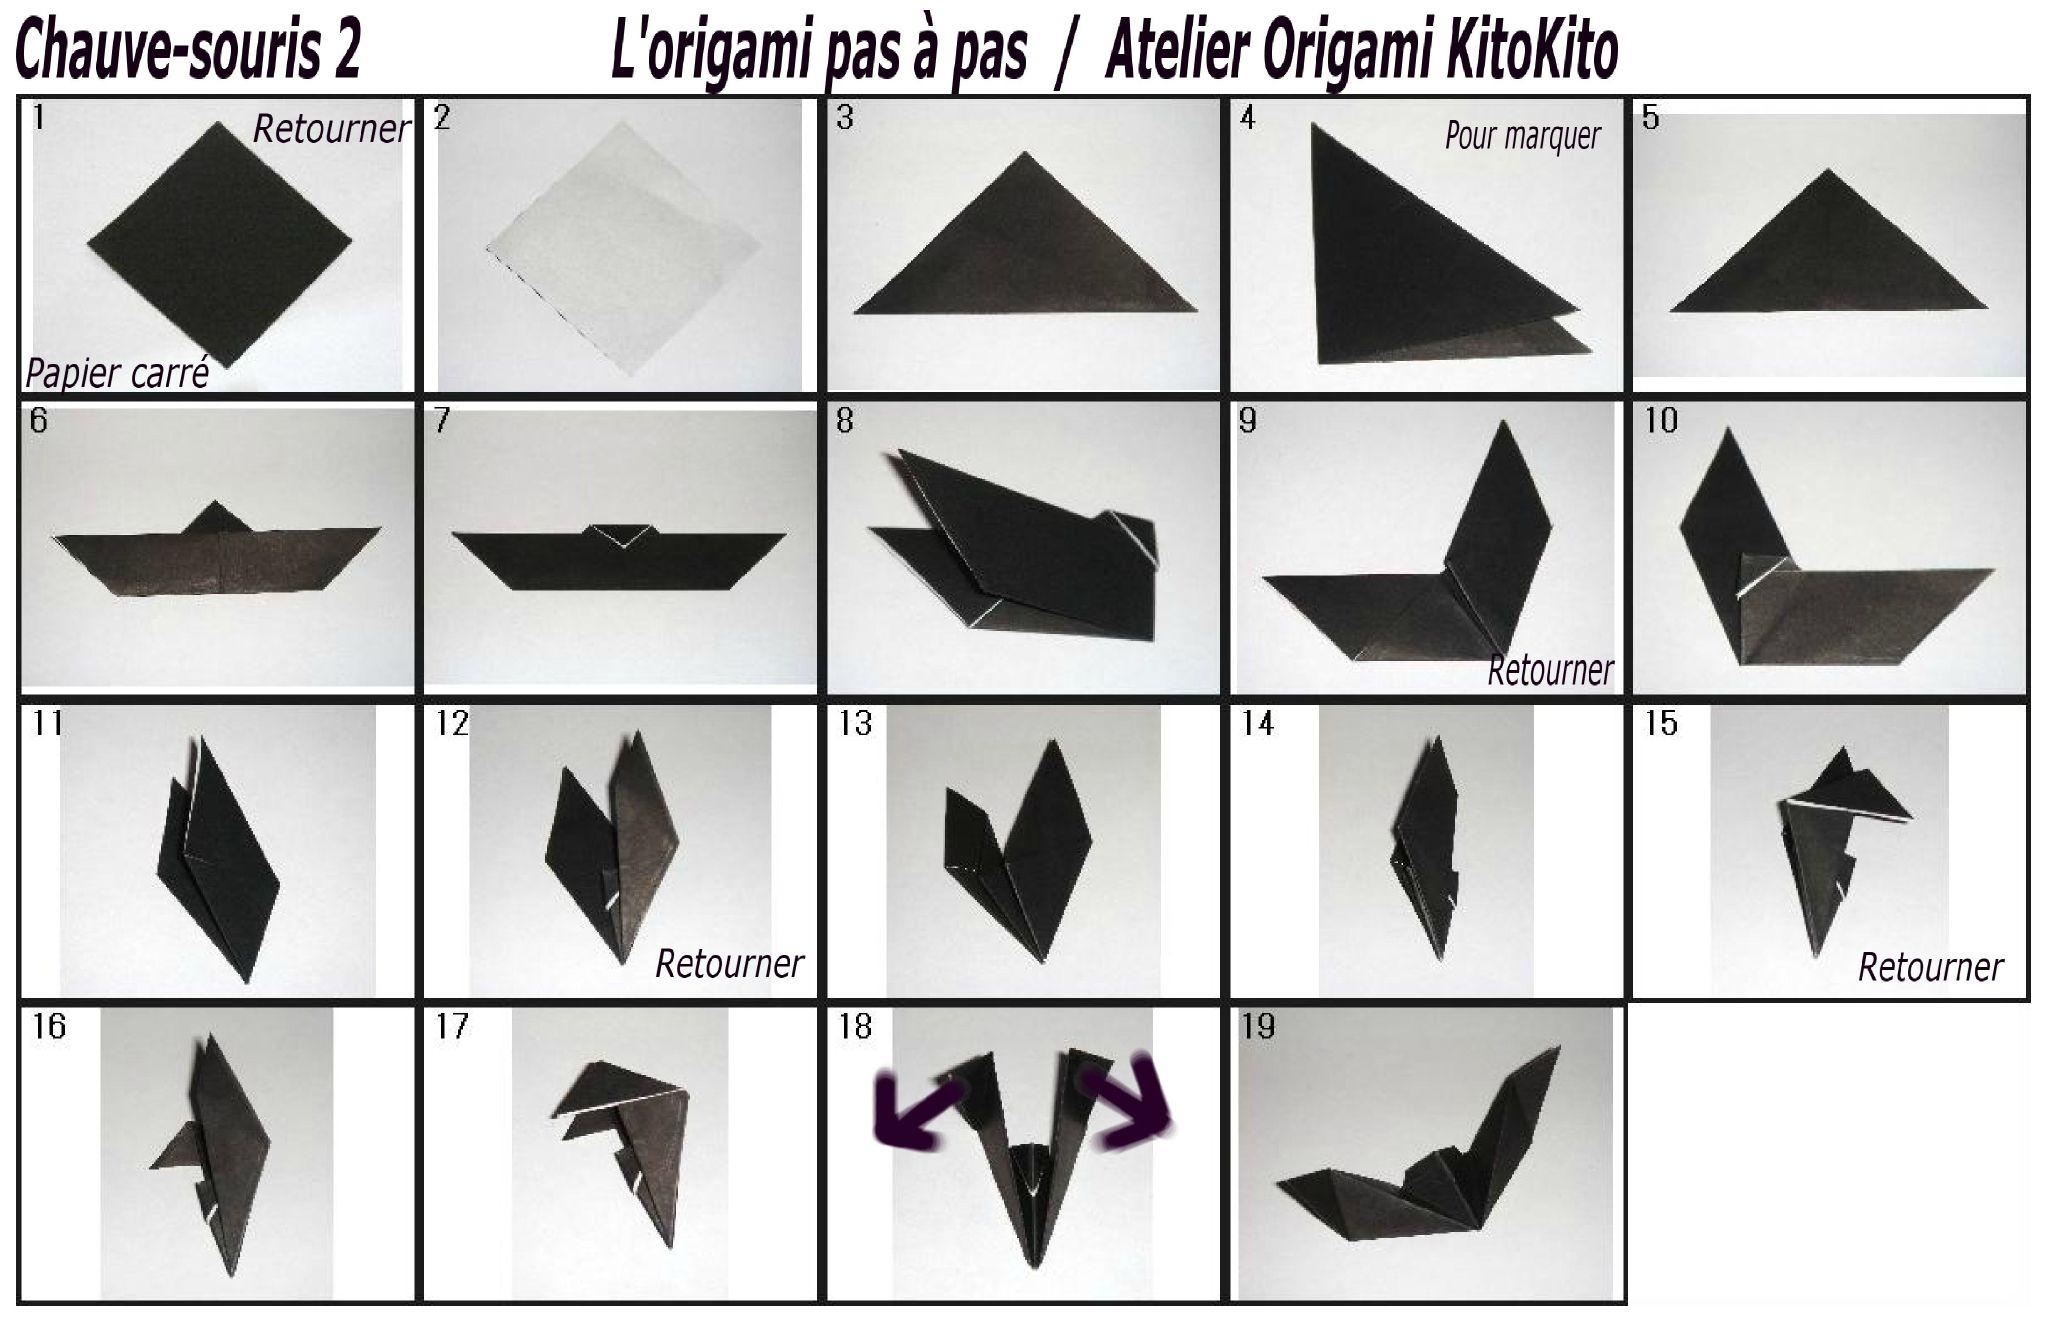 Chauve-Souris 2 Pour   Activité Manuelle Halloween, Chauve à Origami Chauve Souris